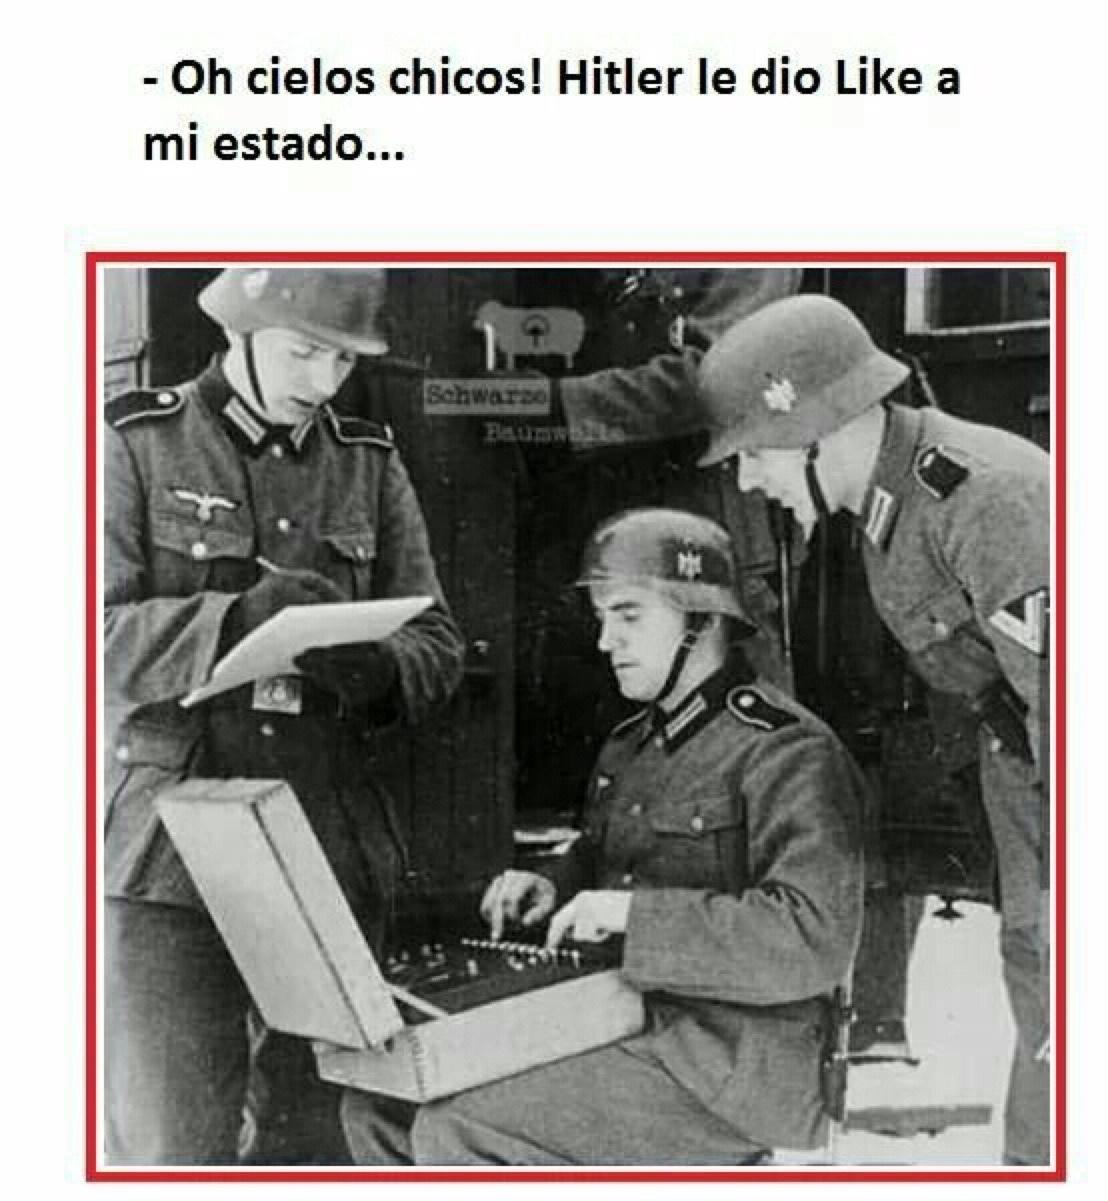 simplemente Hitler :v - meme